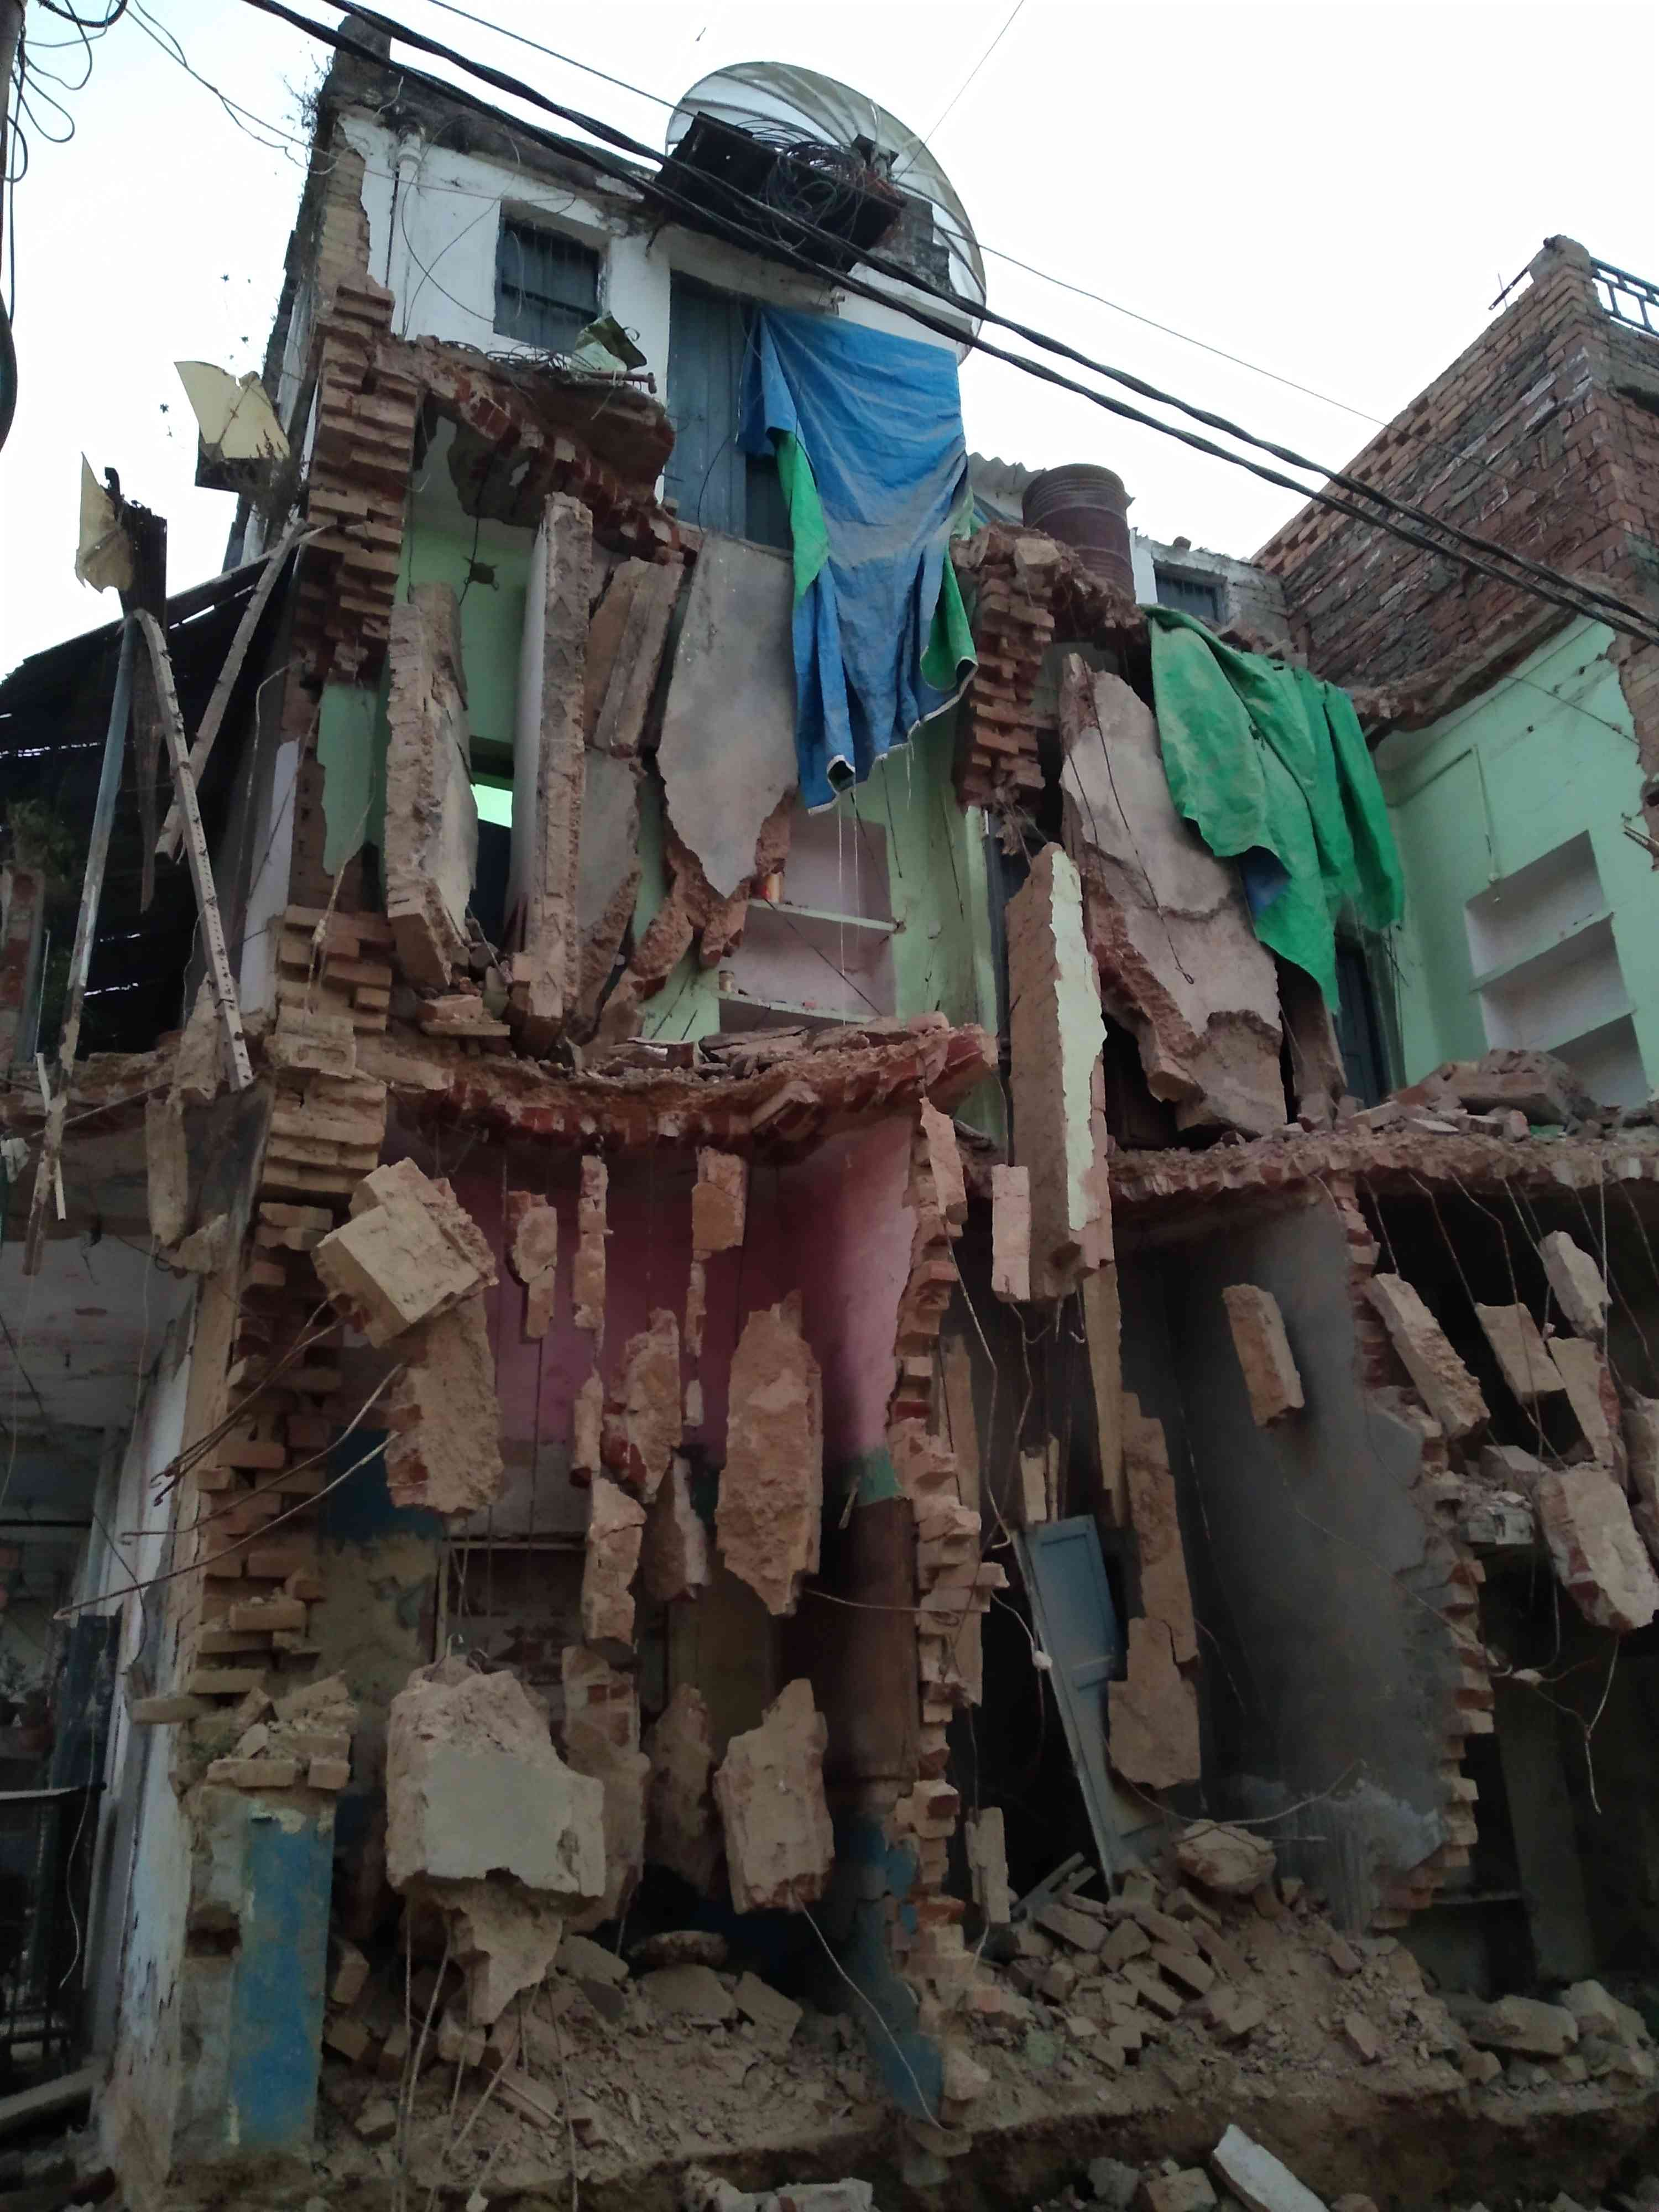 प्रशासन द्वारा गिराया गया एक मकान